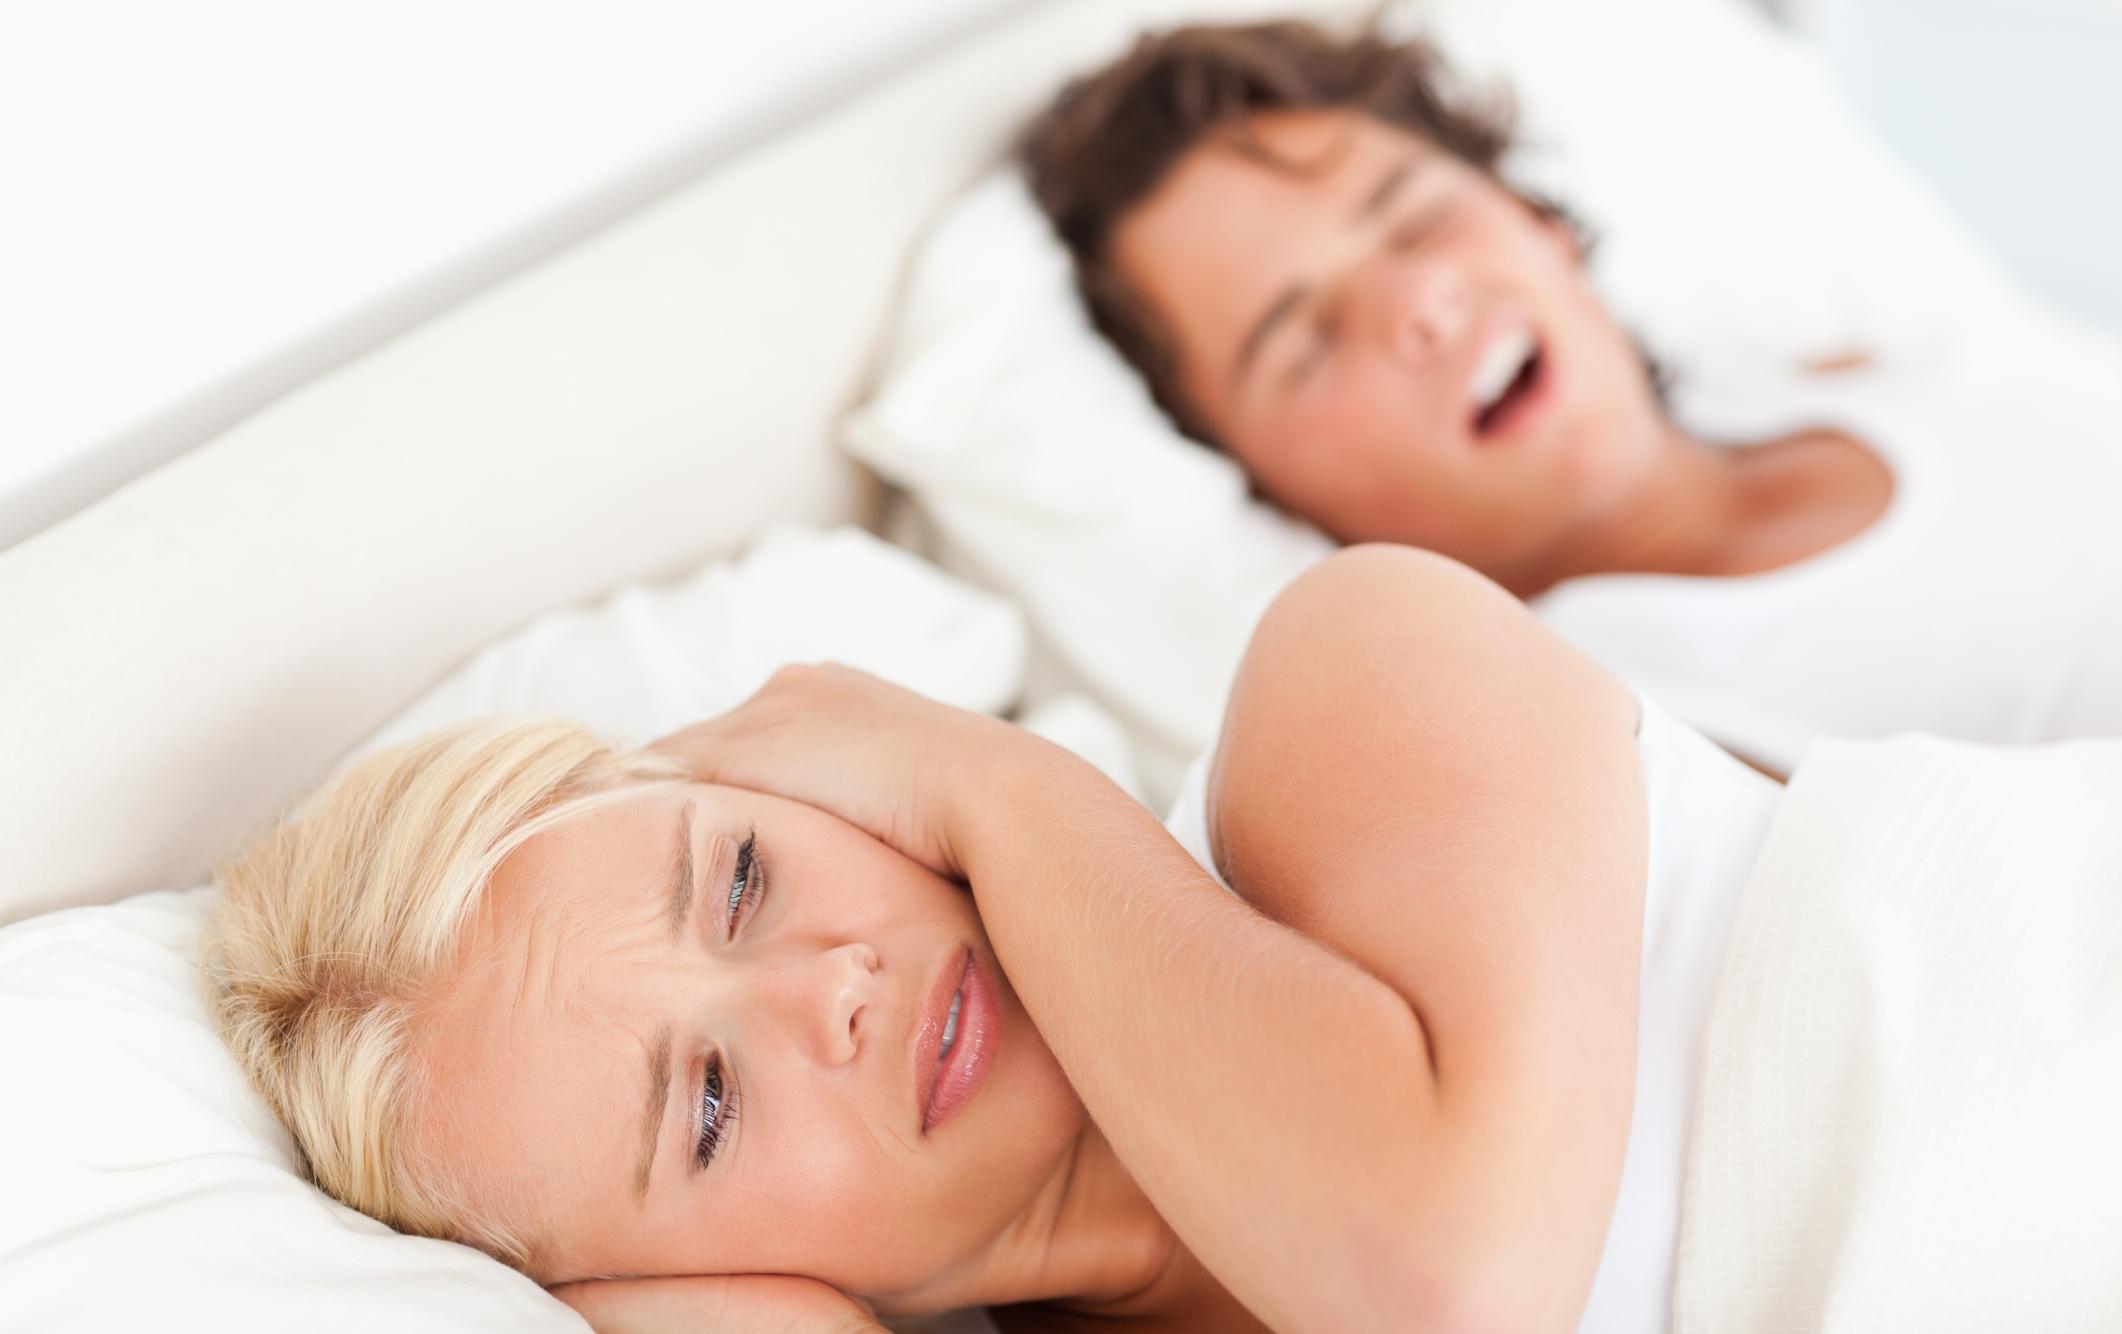 Russamento notturno e apnee: nuovi approcci terapeutici mini-invasivi